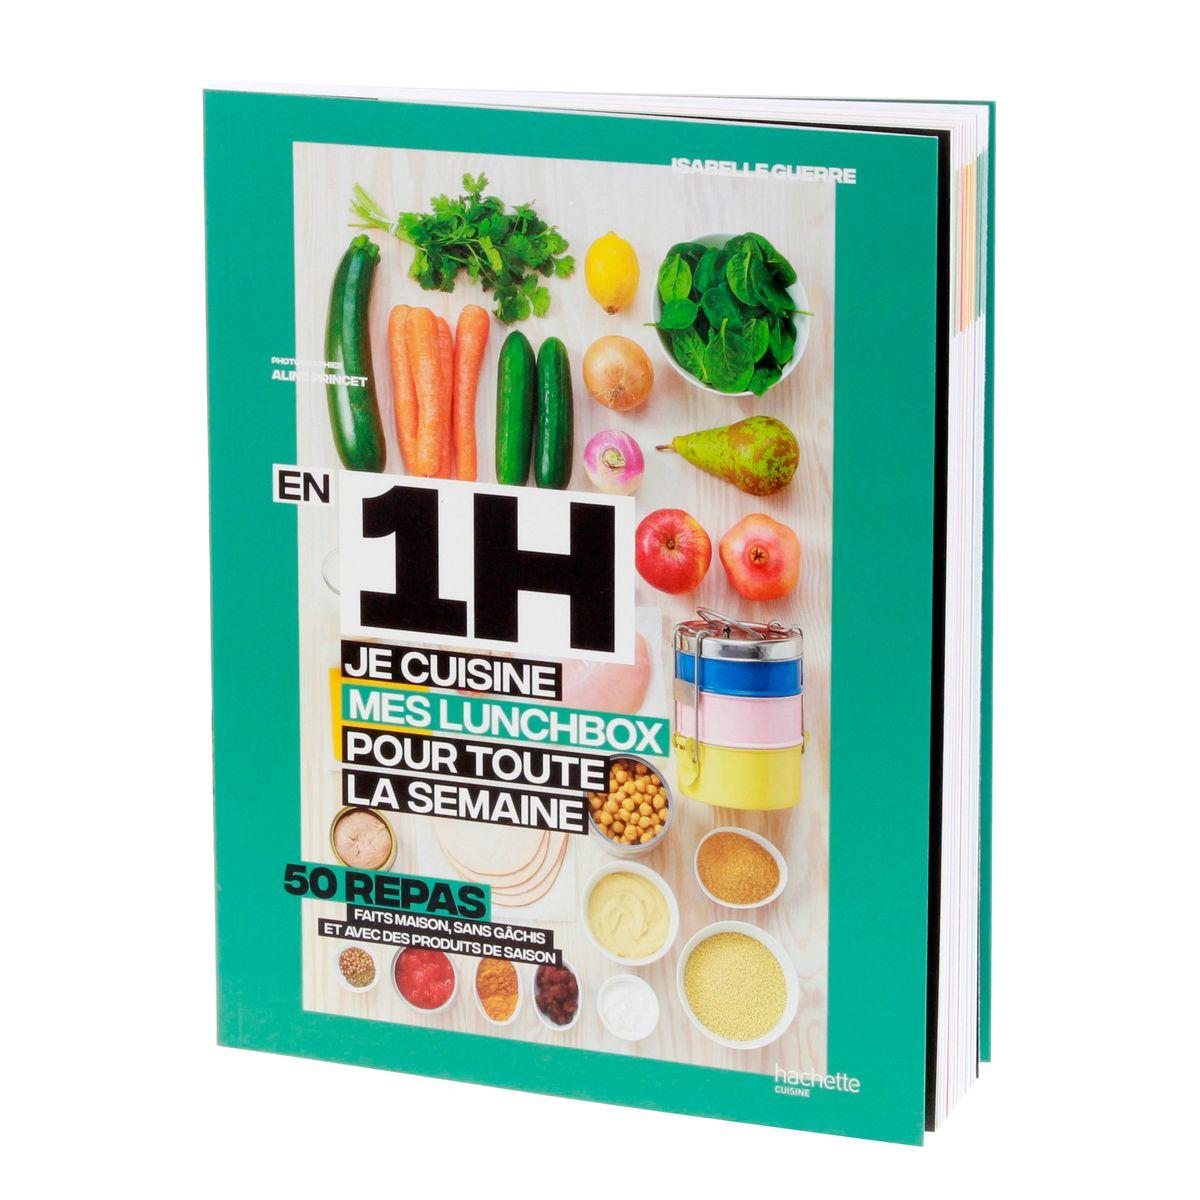 En 1h je cuisine mes lunchs box pour toute la semaine - Hachette